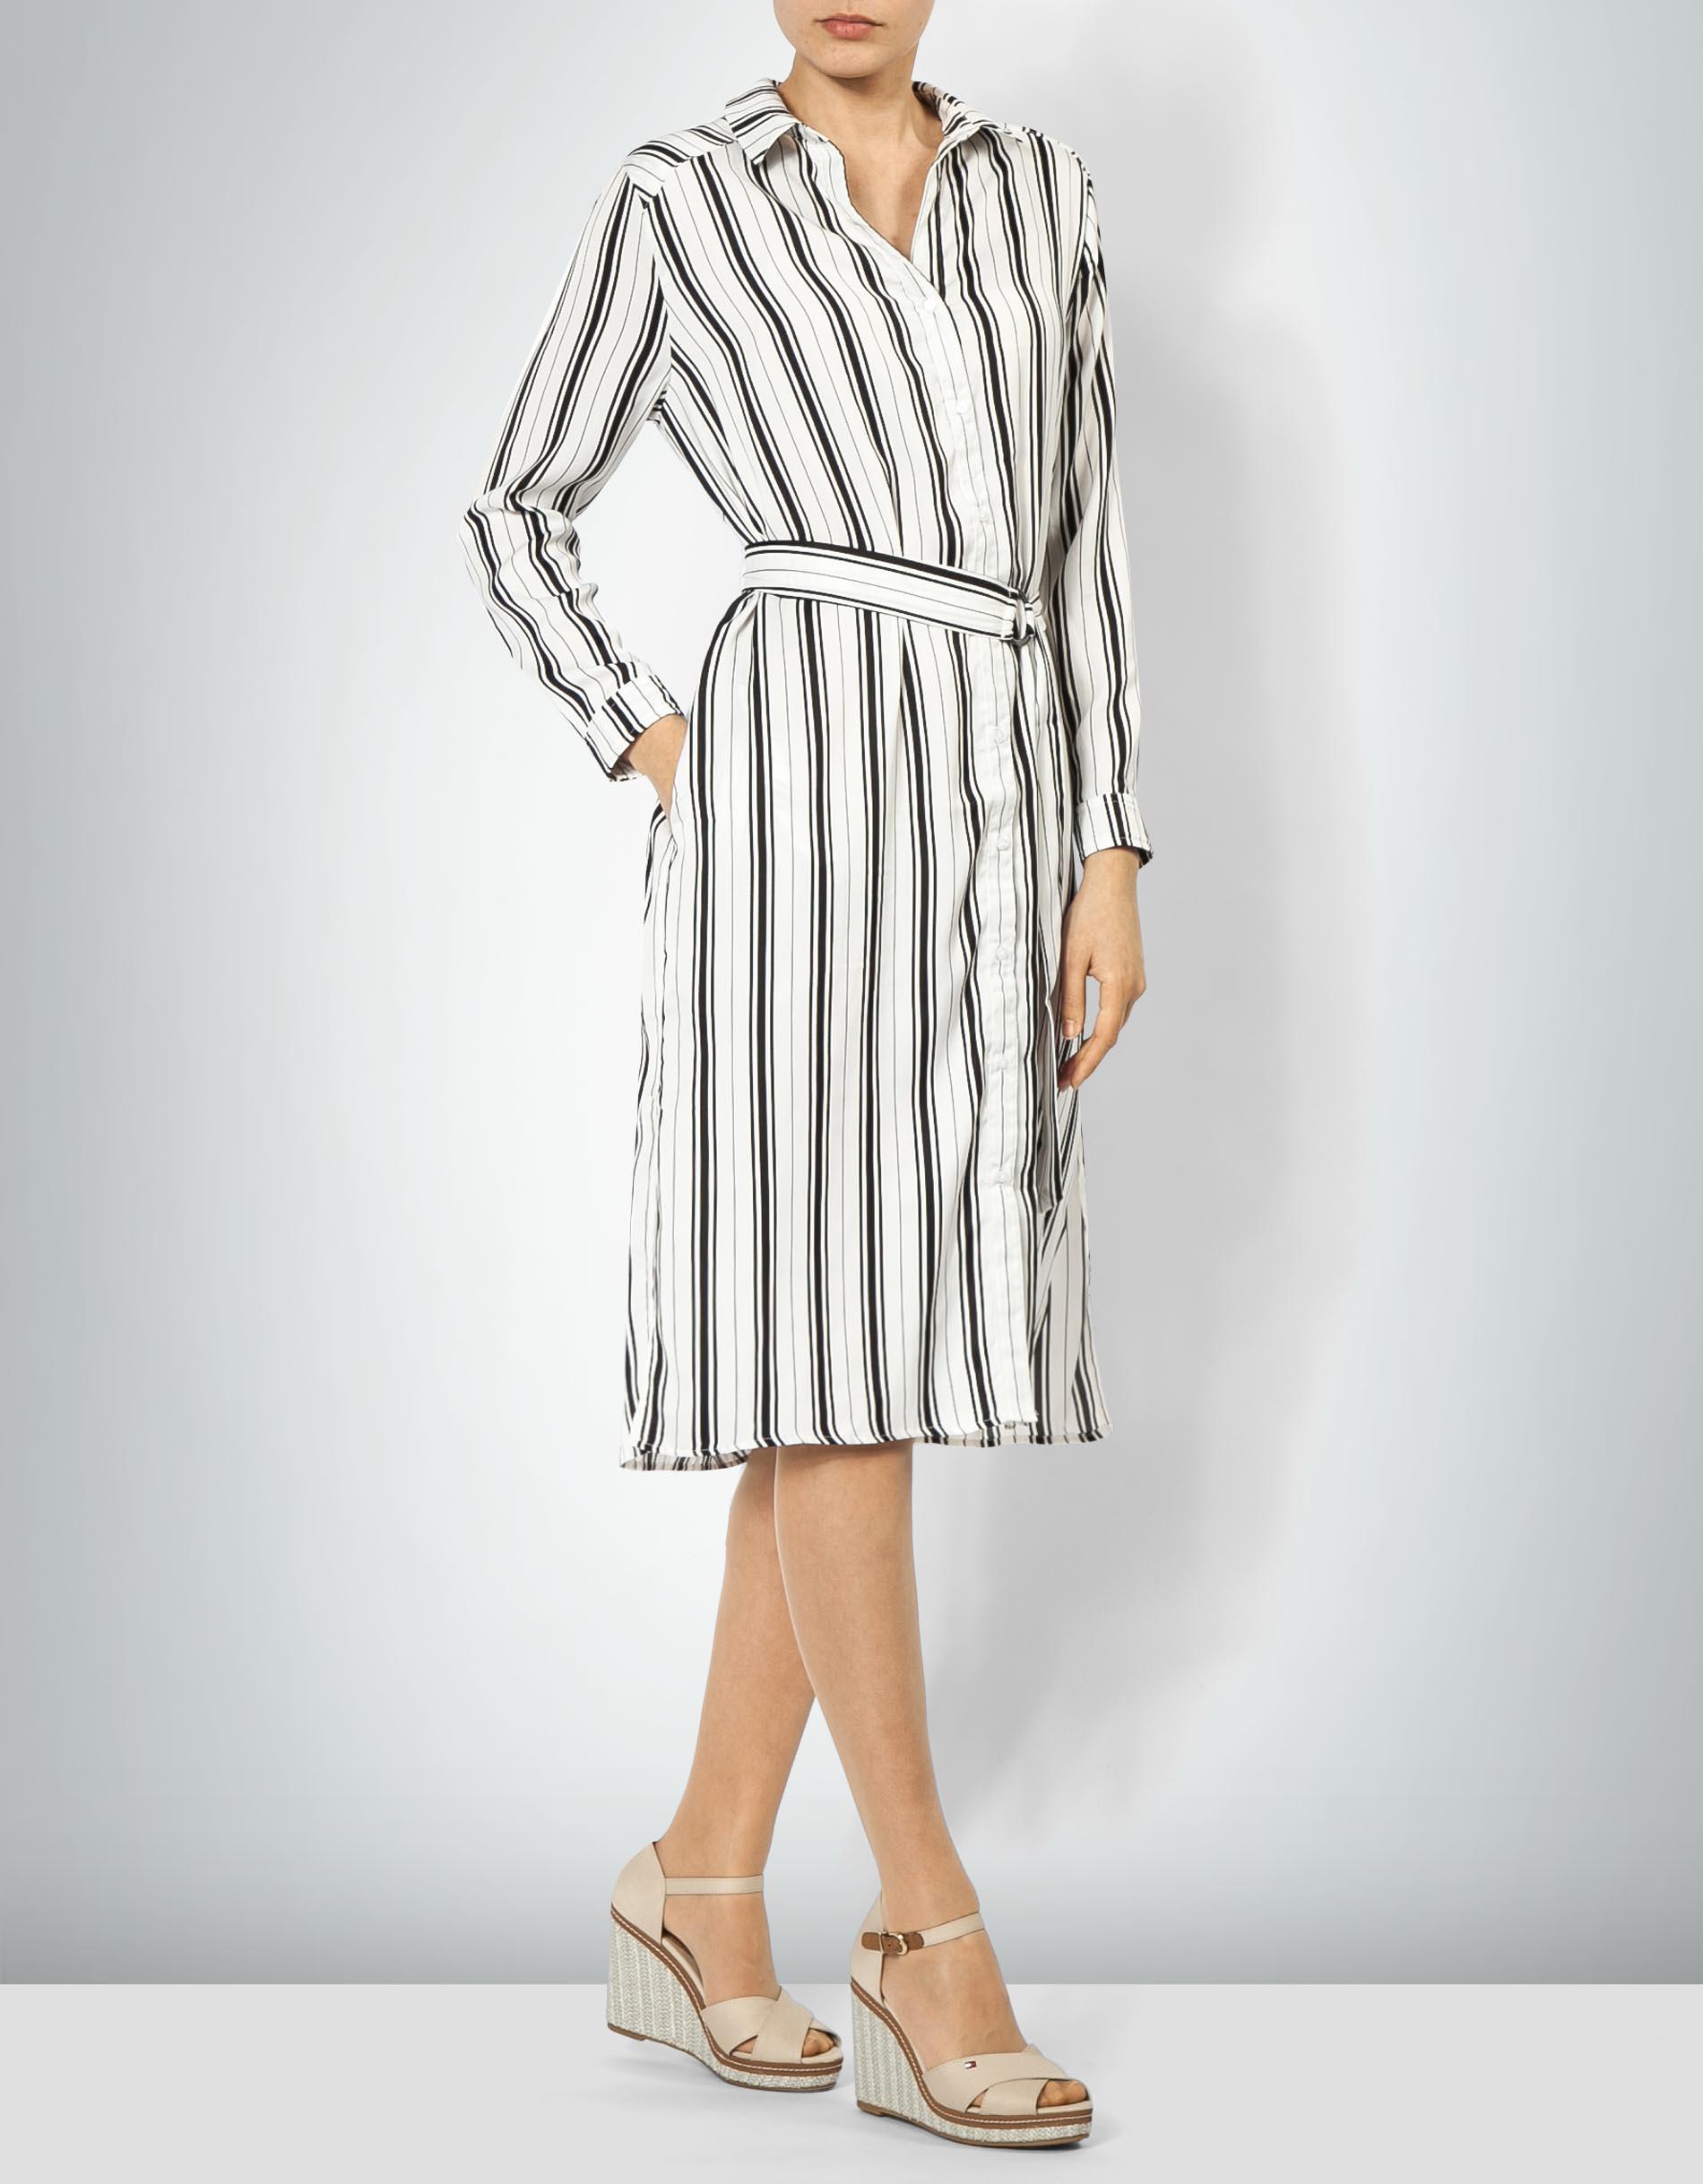 Pepe Jeans Damen Kleid Maria Hemdblusen Im Streifen Look Empfohlen